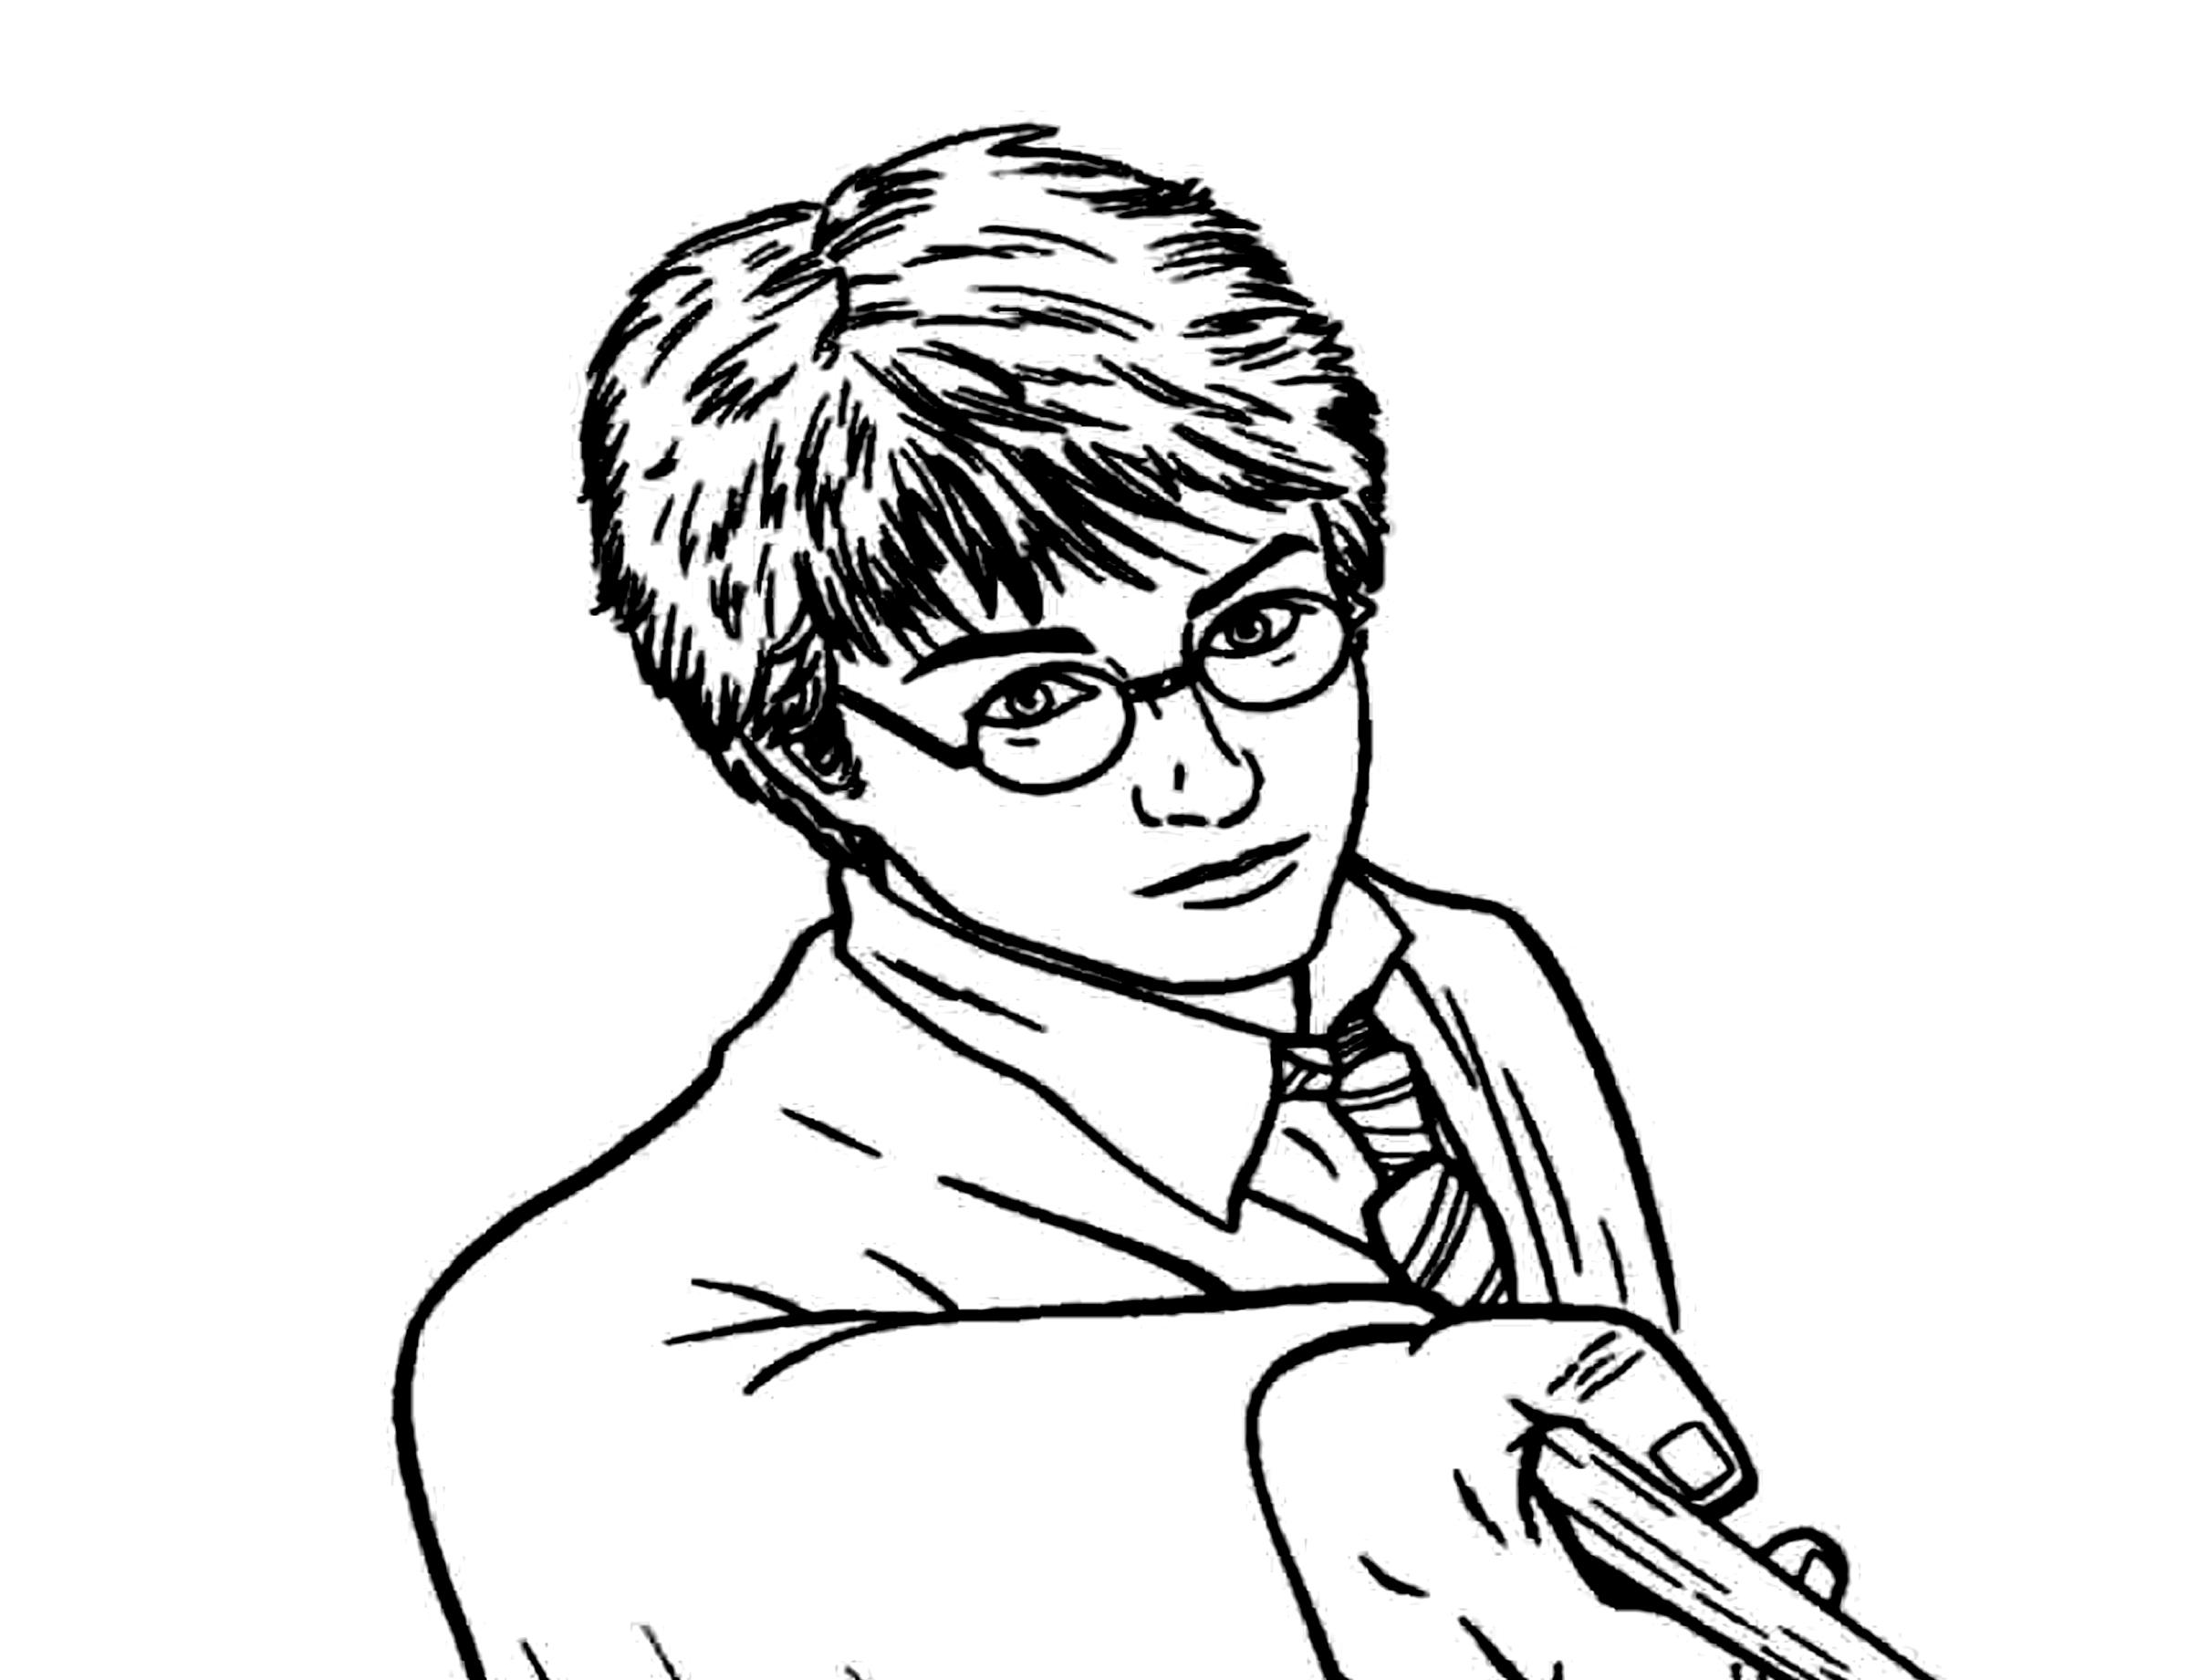 Harry Potter Ausmalbilder Kostenlos Malvorlagen Windowcolor zum